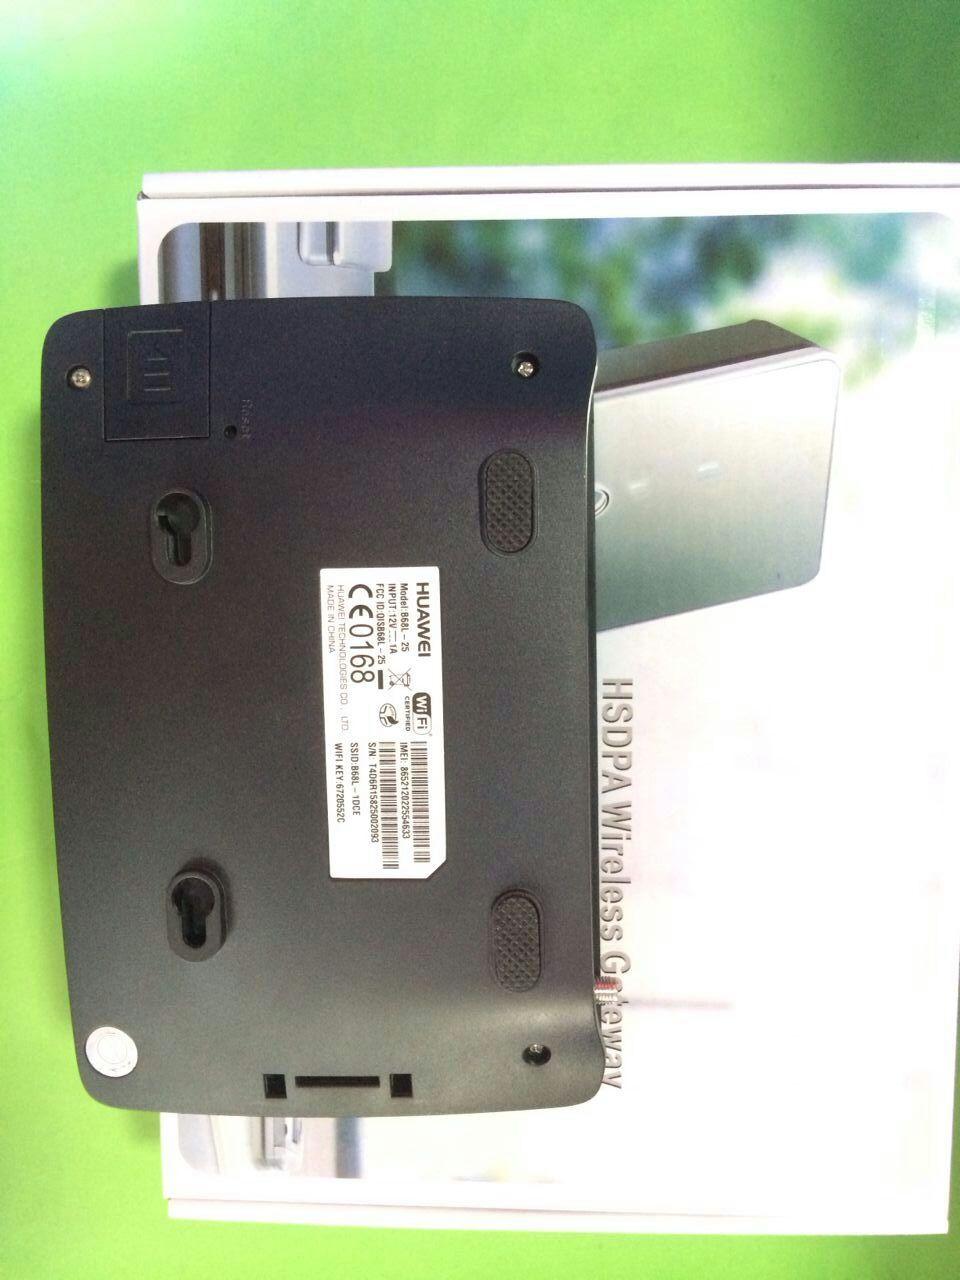 ФОТО Unlocked Huawei B68l b68 21.6Mbps 3G wifi router 3g mifi car dongle 3g cpe router WCDMA 900/1900/2100MHZ pk b683 b970b b681 b593